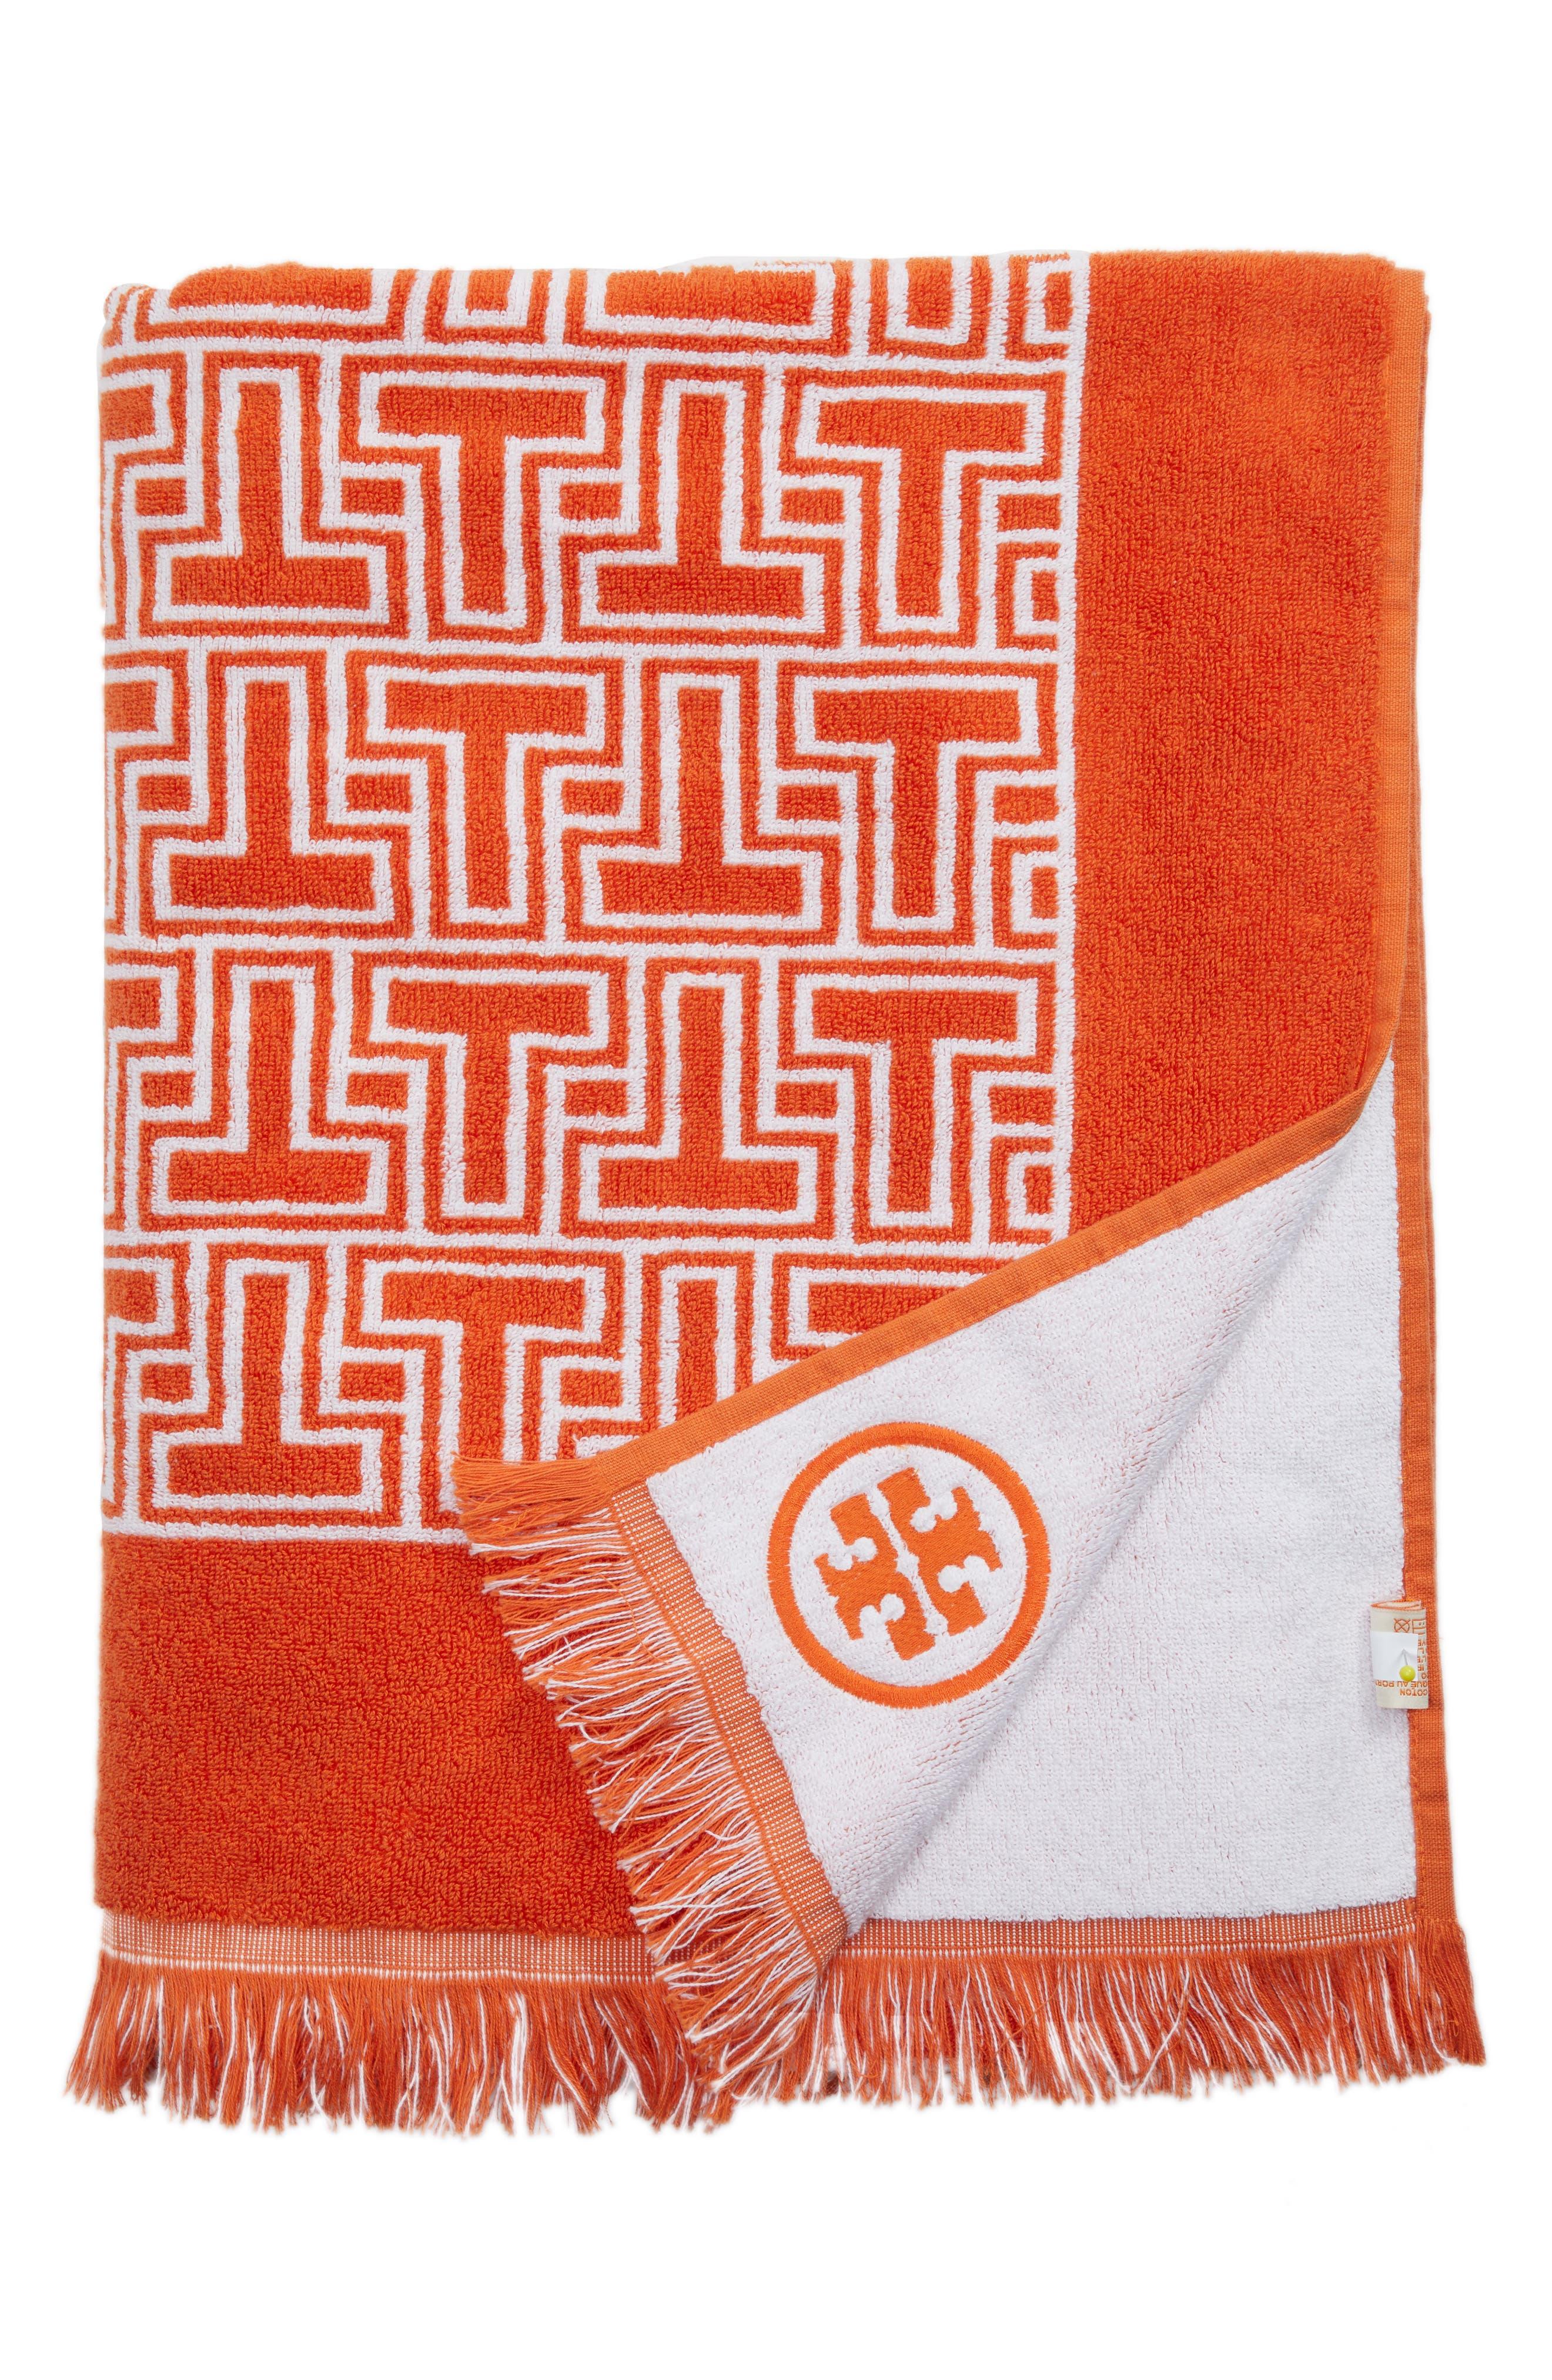 T-Tiles Beach Towel,                         Main,                         color, ORANGE